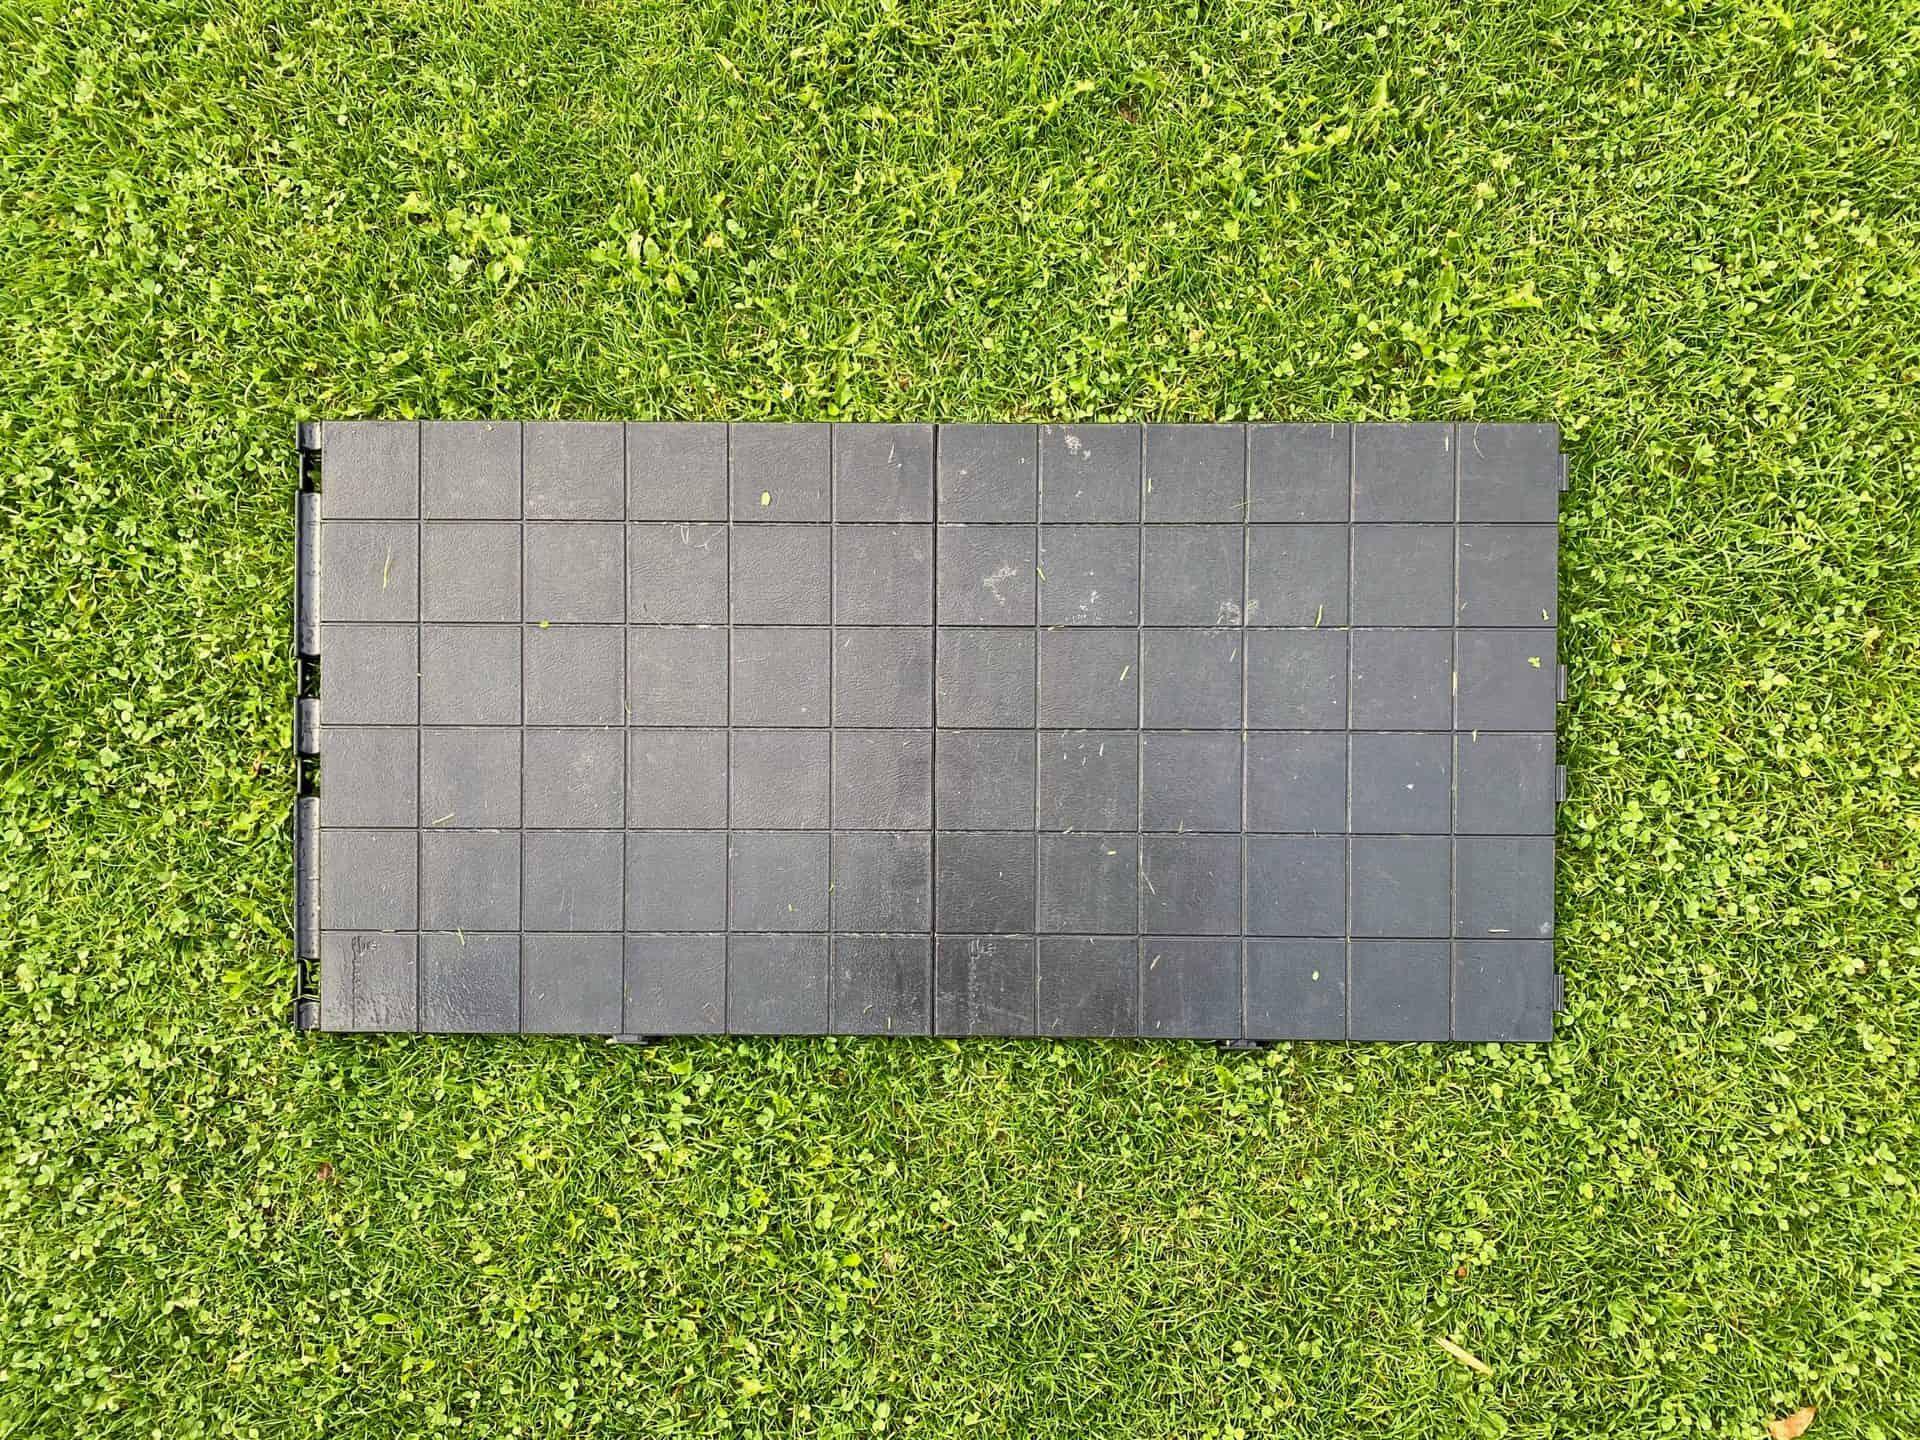 Isabella-Wohnmobil-und-Vorzelt-Bodenfliese-Bodenplatte-statt-Matchteppich